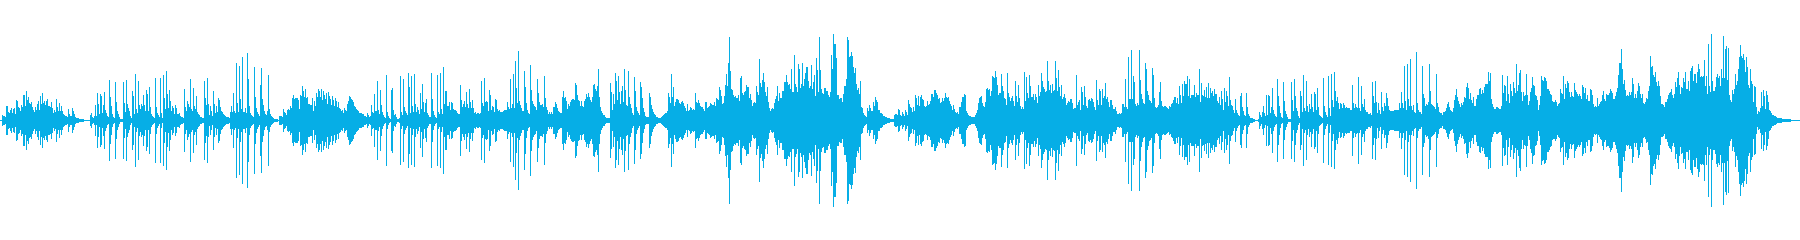 伝統的な和風の旋律の再生済みの波形